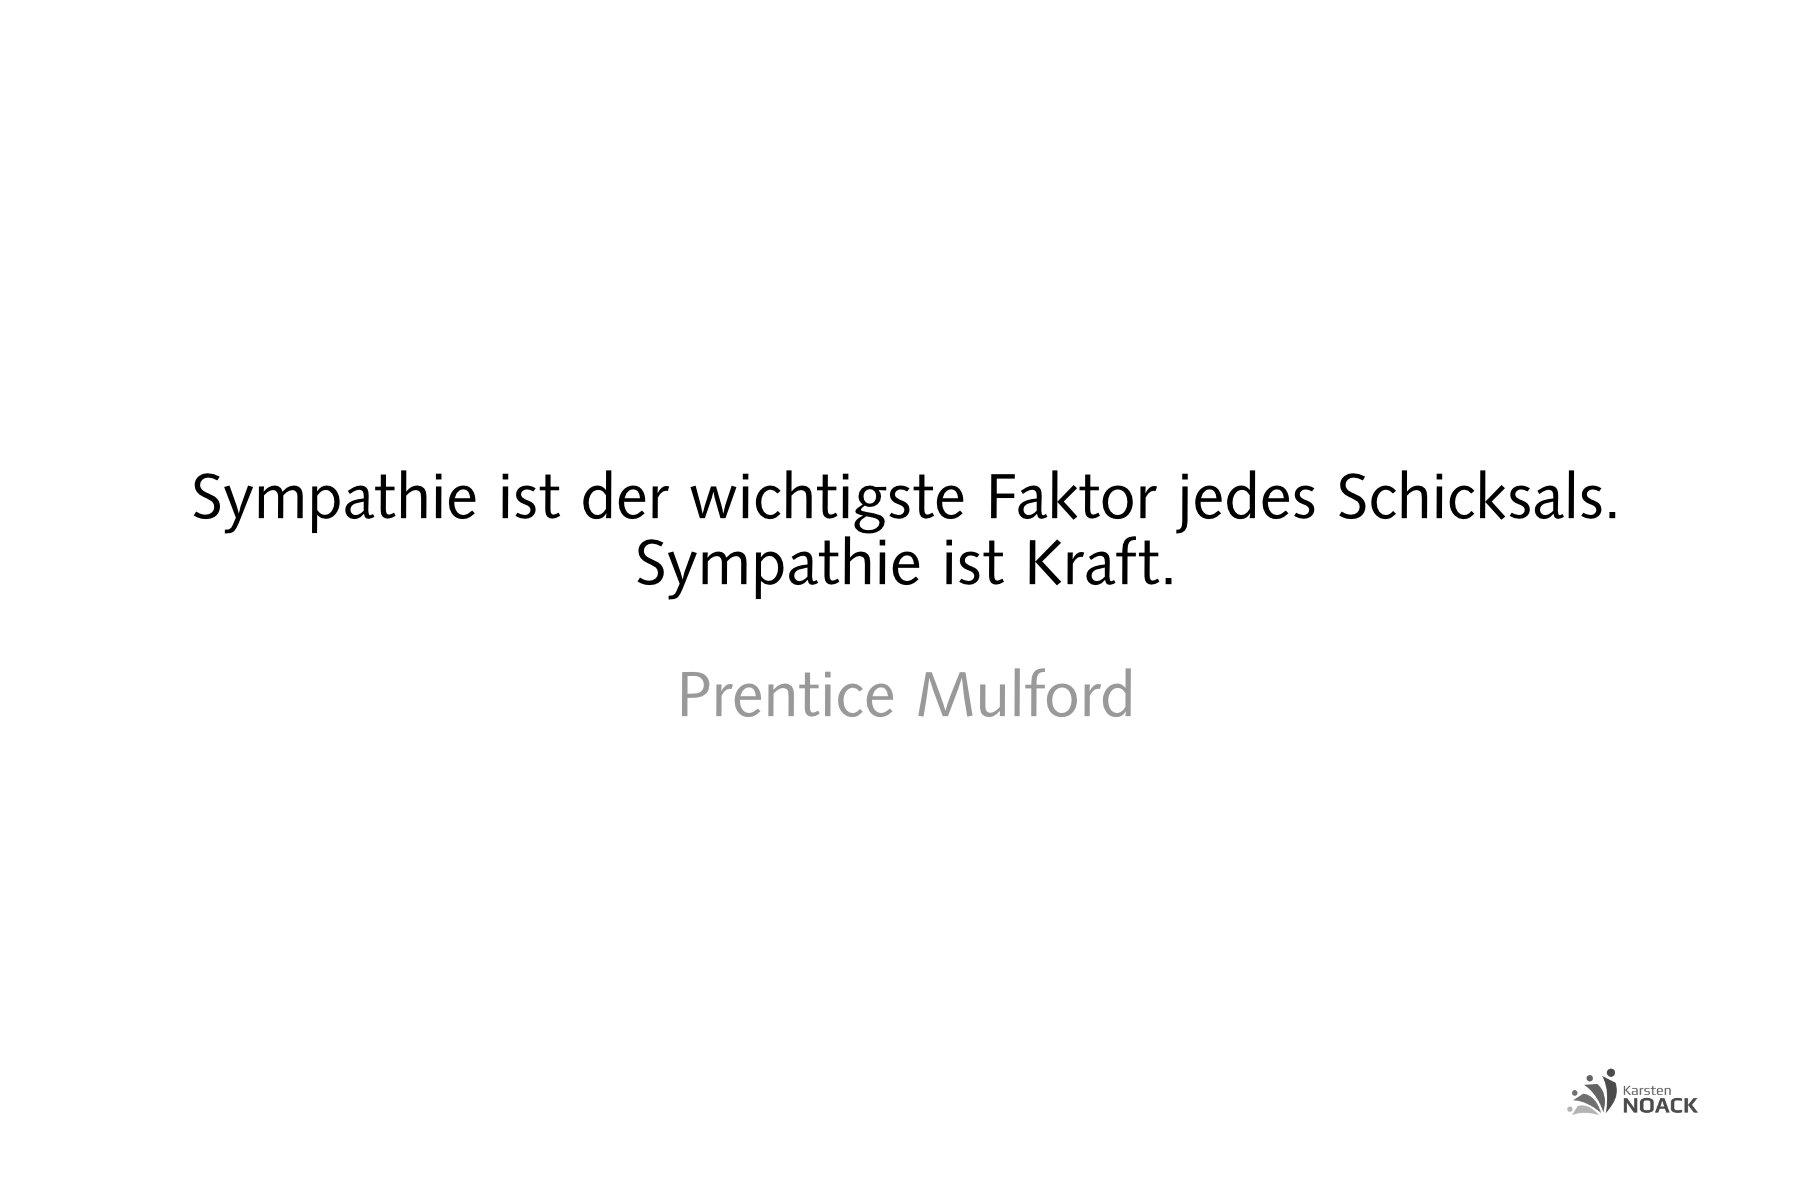 Sympathie ist der wichtigste Faktor jedes Schicksals. Sympathie ist Kraft. Prentice Mulford